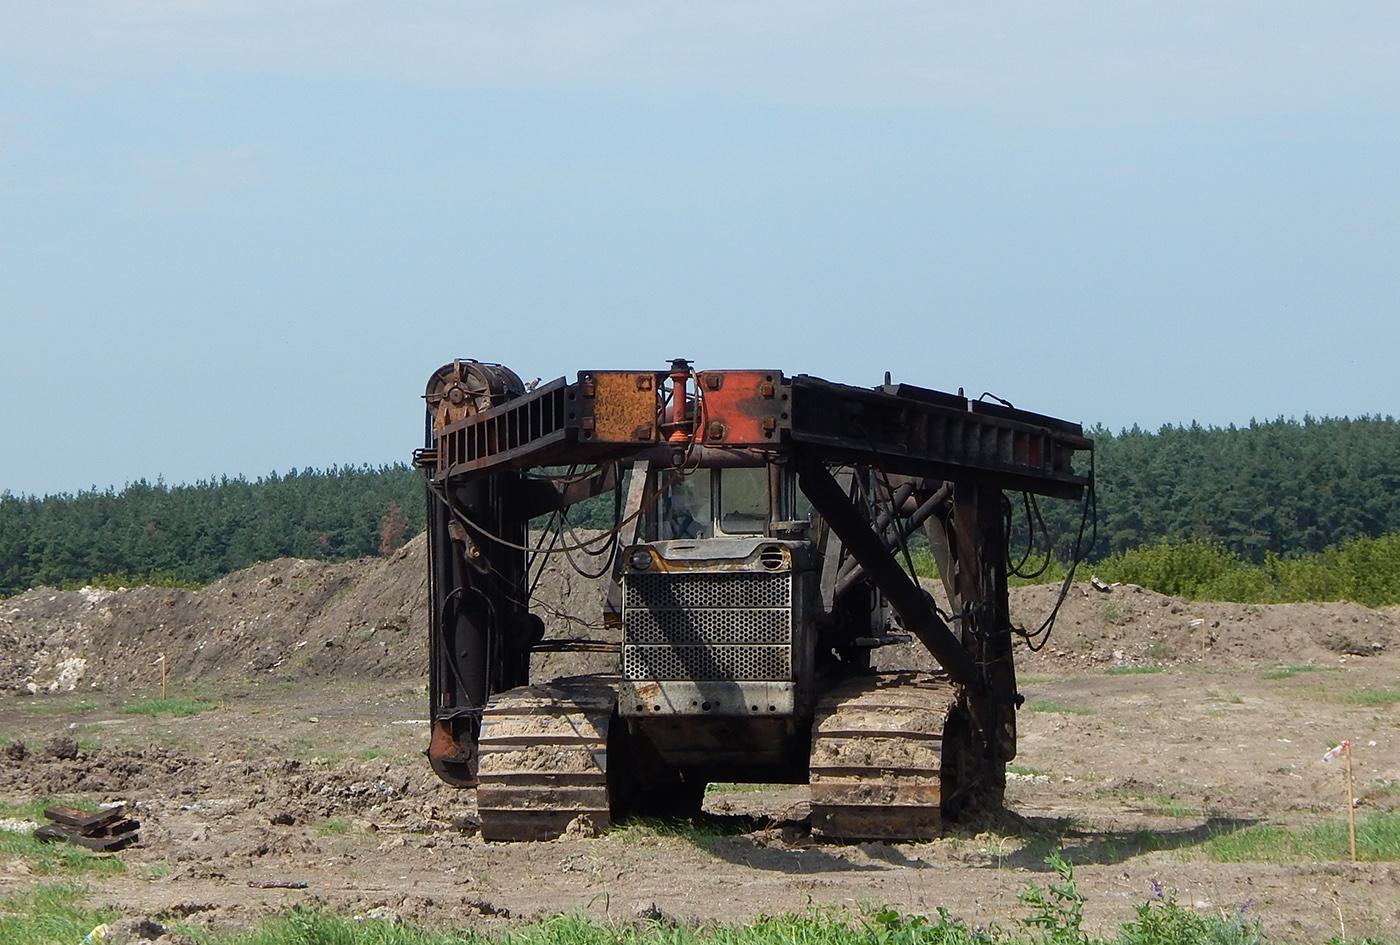 Сваебойный копер СП-49Д на базе трактора Т-170Б. Белгородская область, Алексеевский район, с. Ильинка